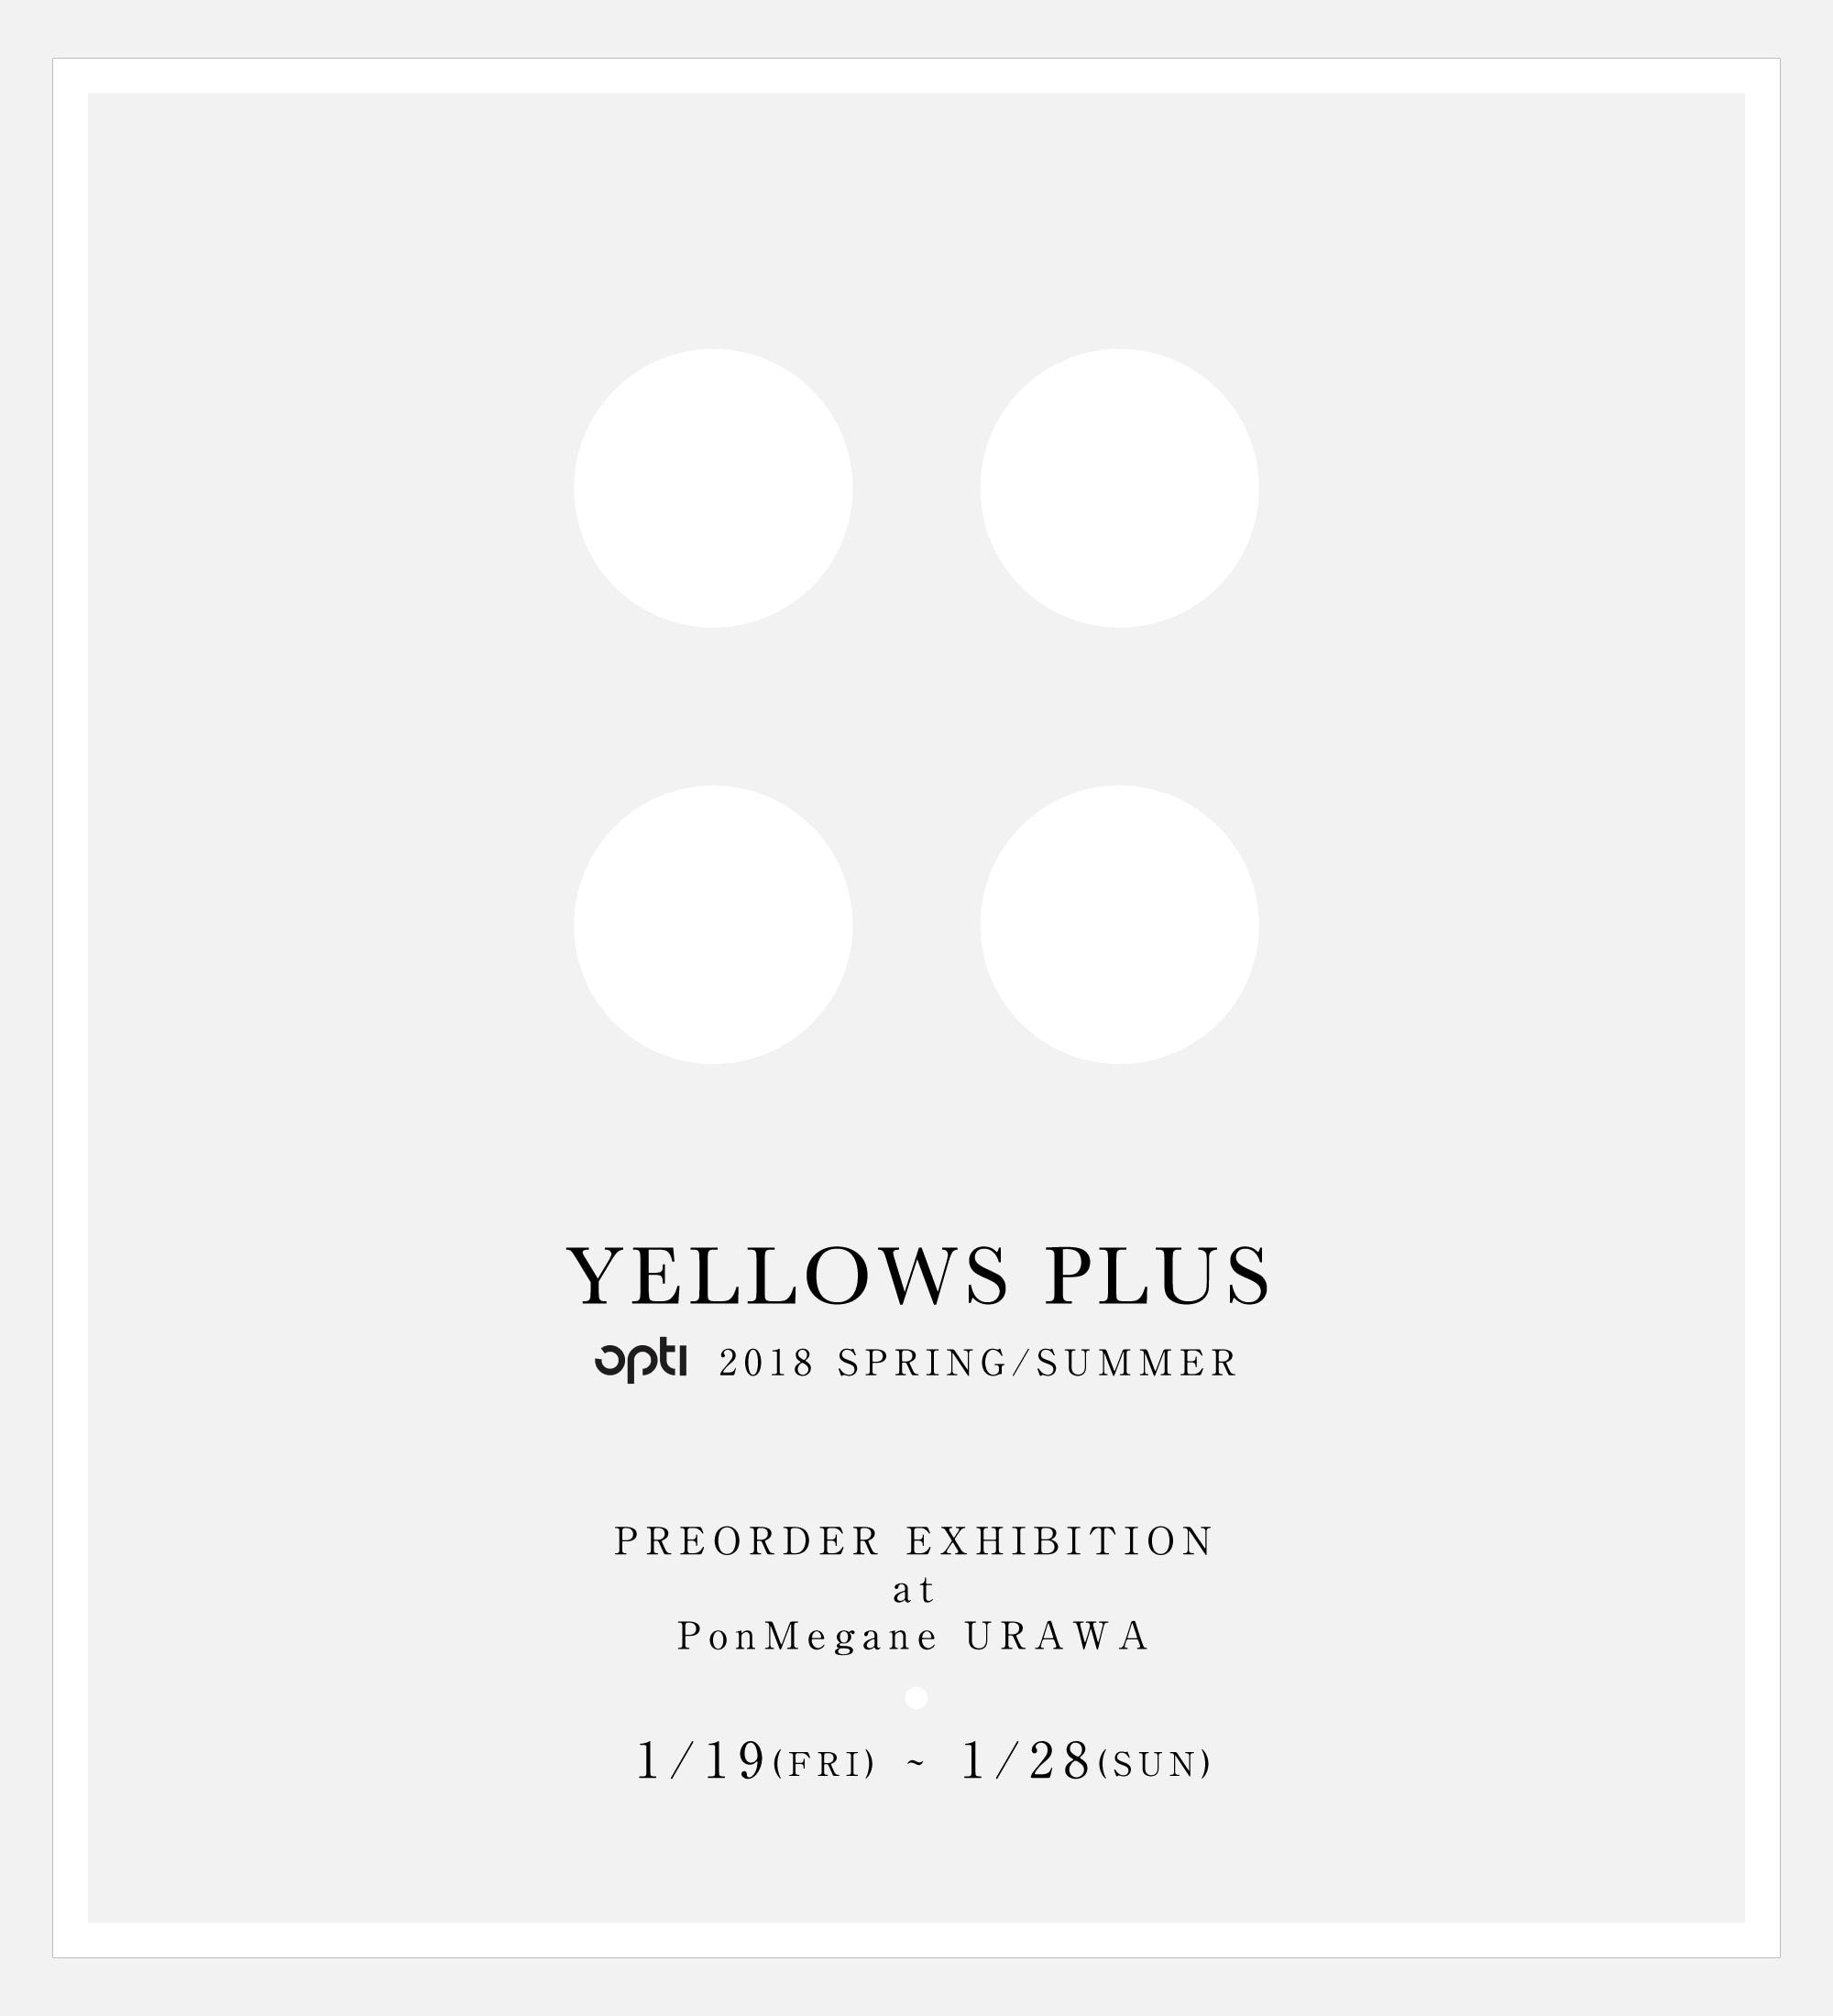 yellows-plus_2018ss-exhibision